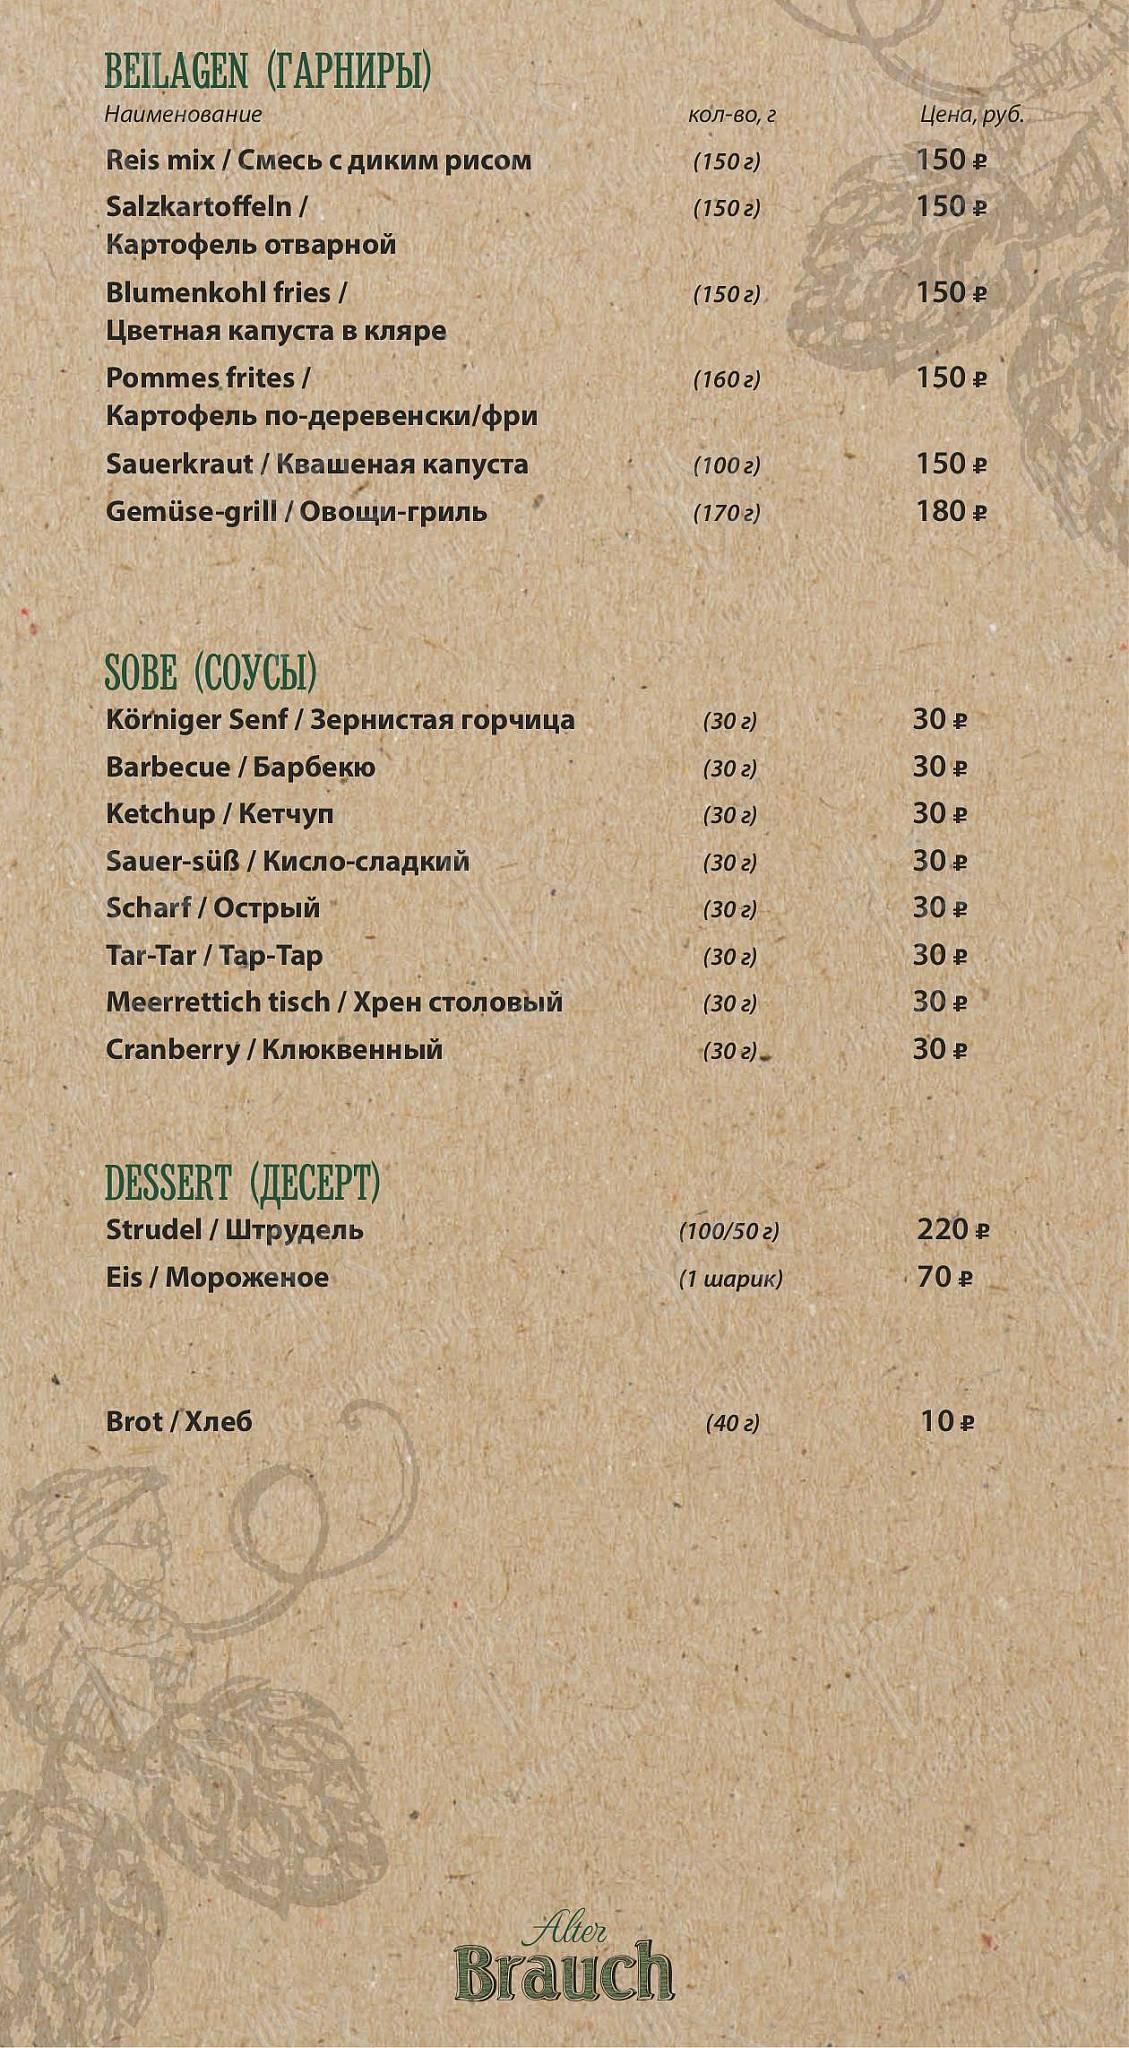 Меню Alter Brauch Bar - еда и напитки